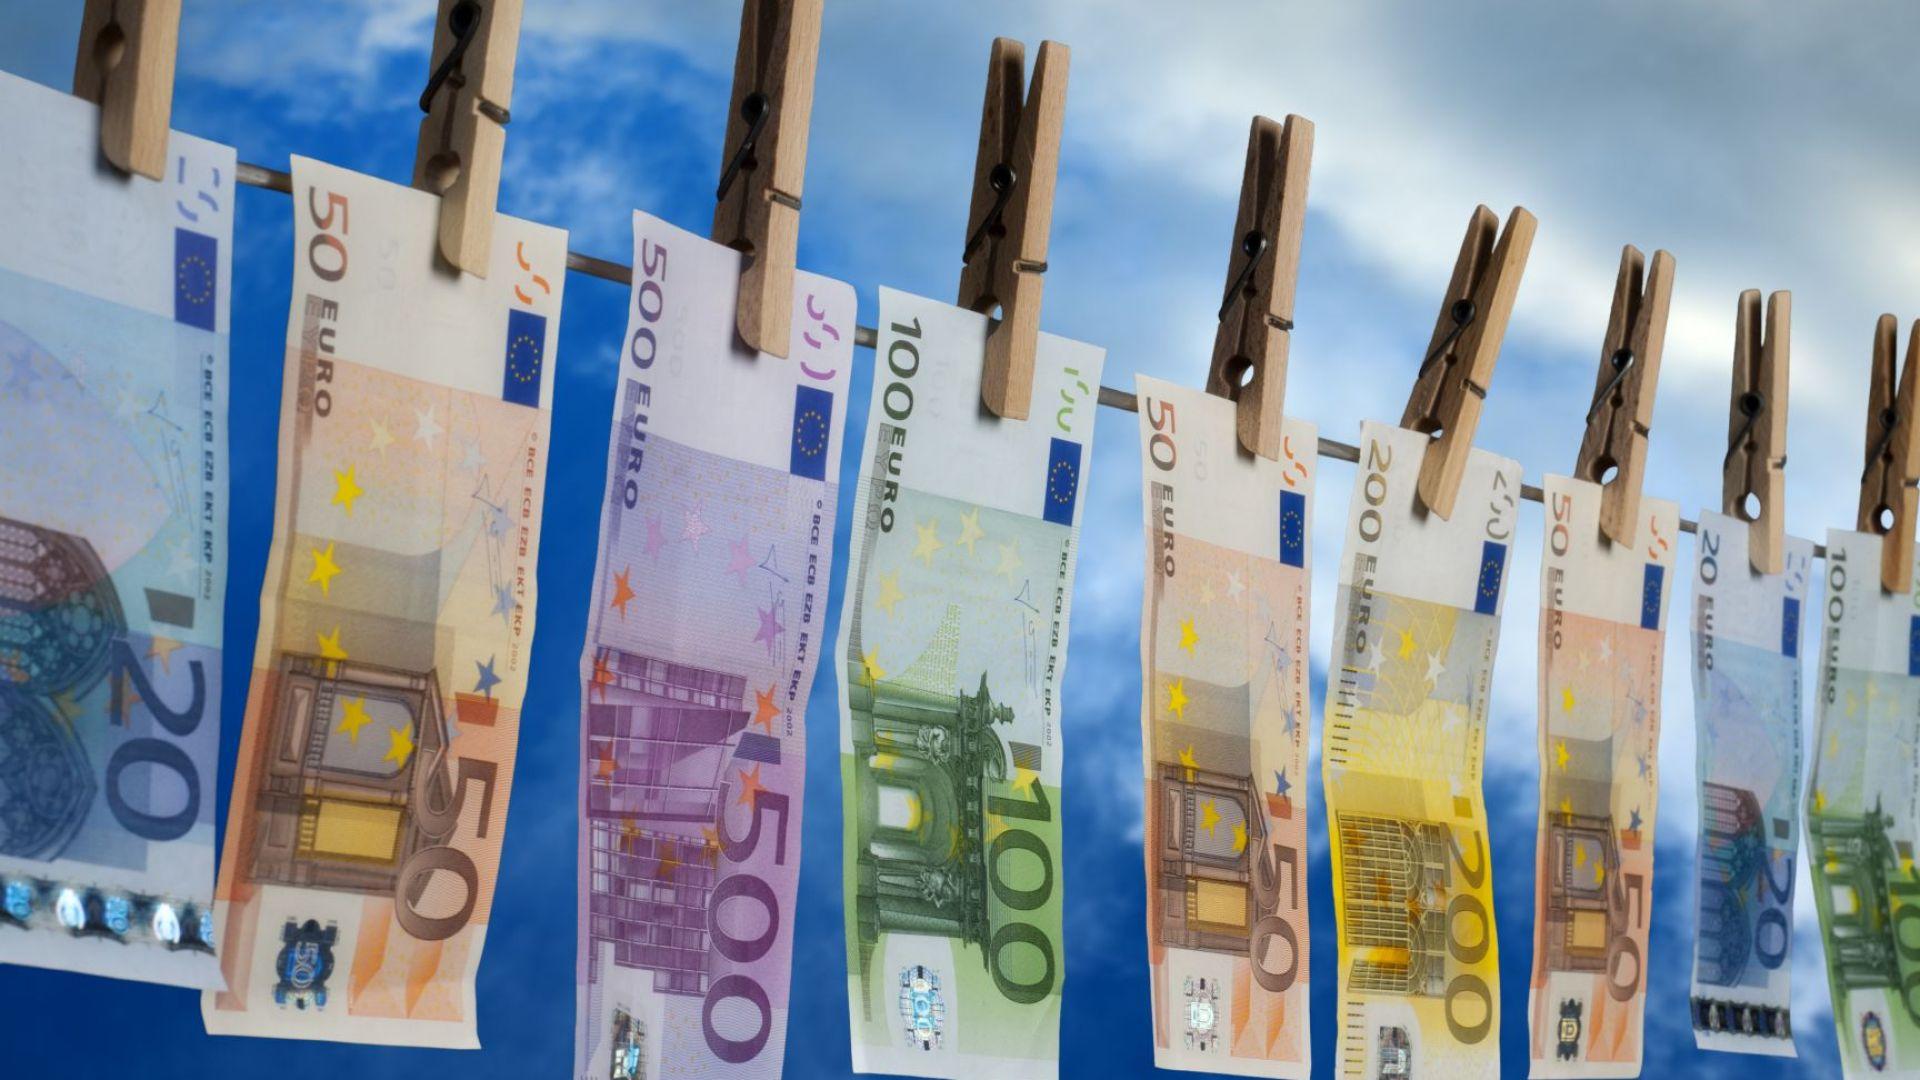 Дигиталното евро придобива форма: Това крипровалута ли е, защо ни е, носи ли ползи